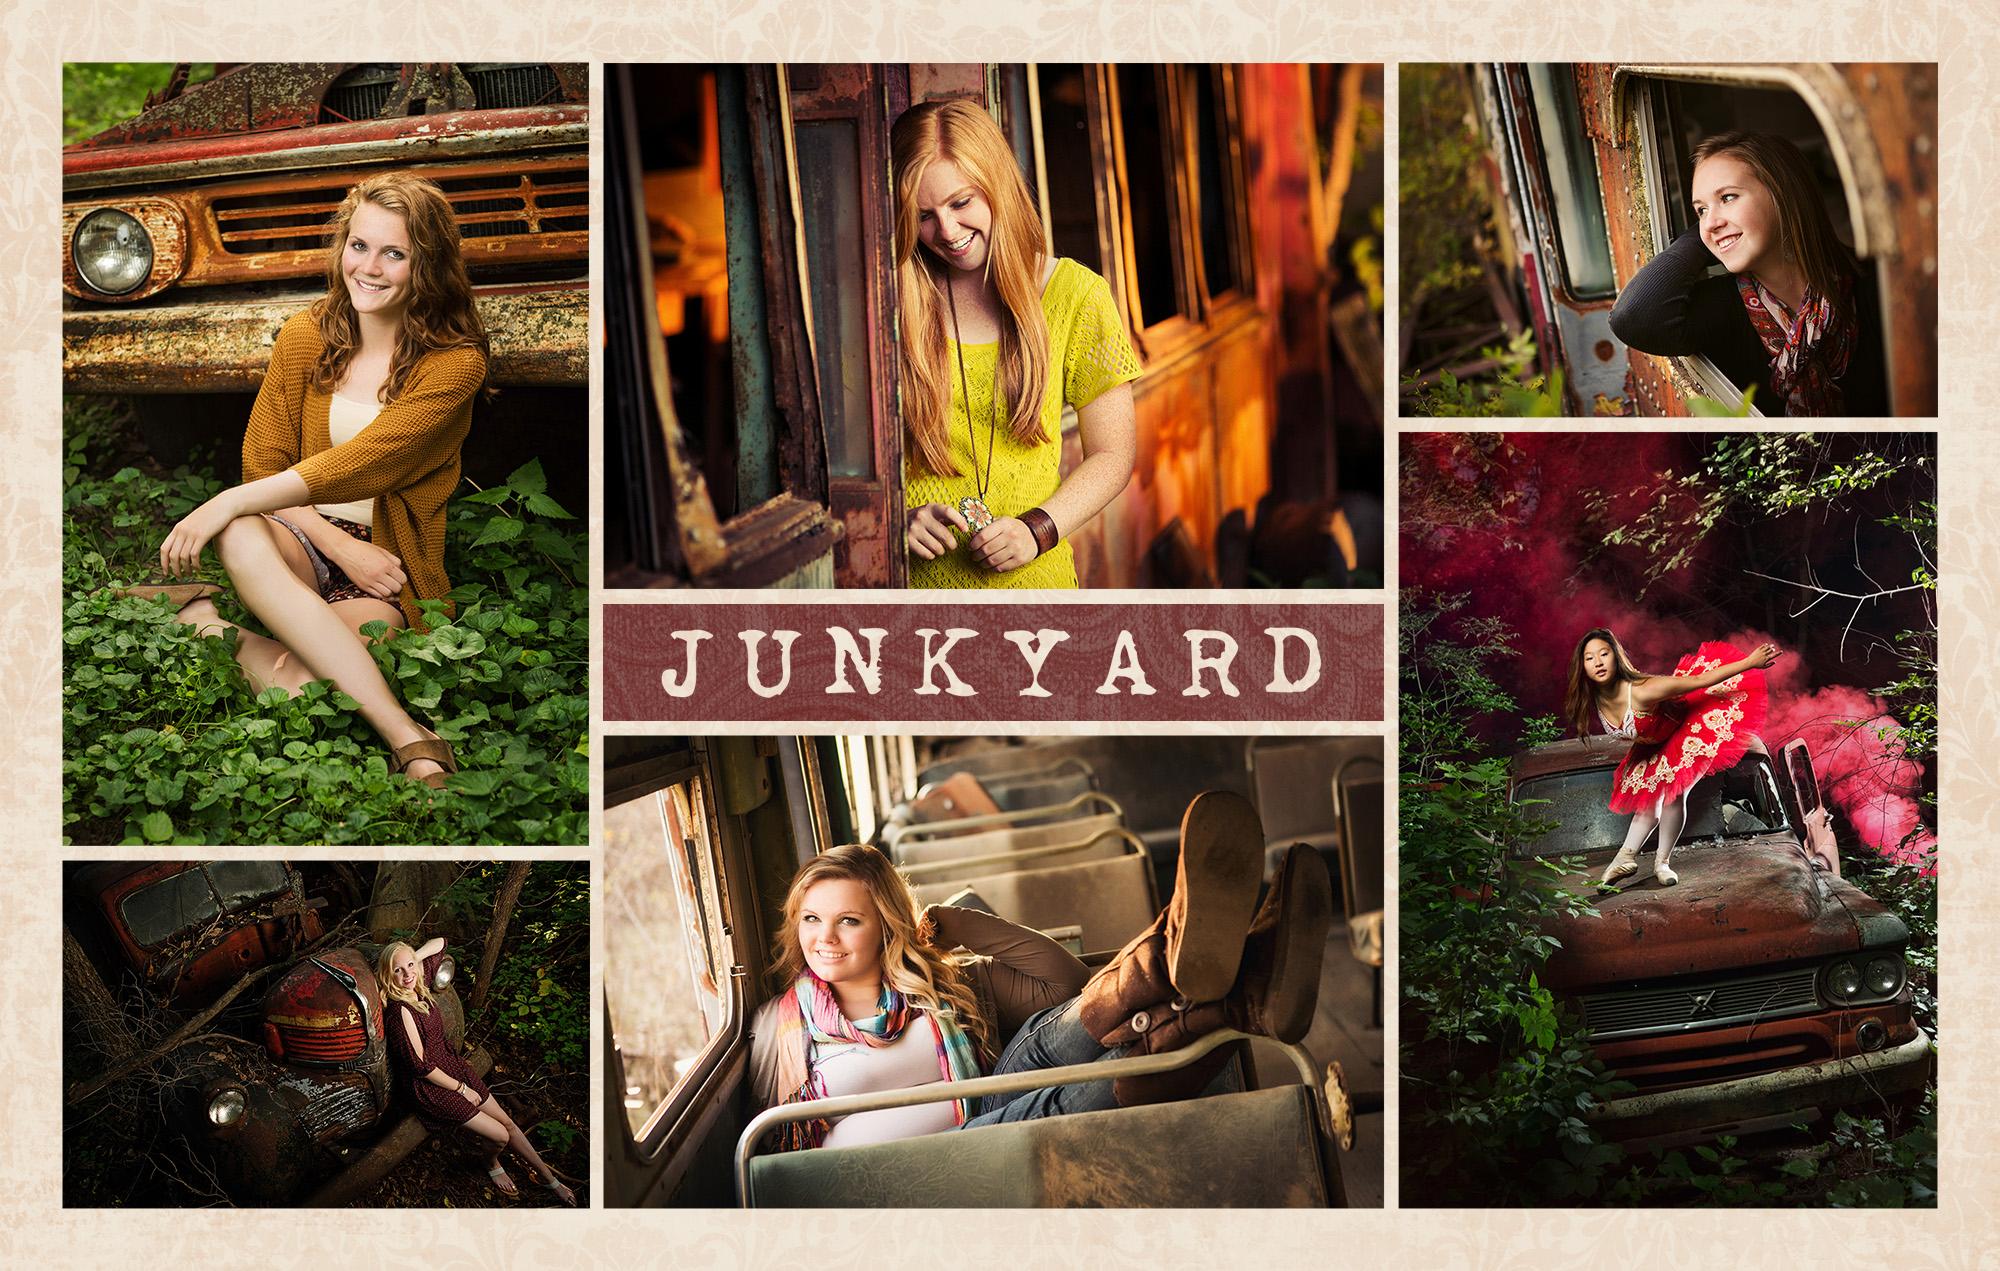 3-Junkyard.jpg